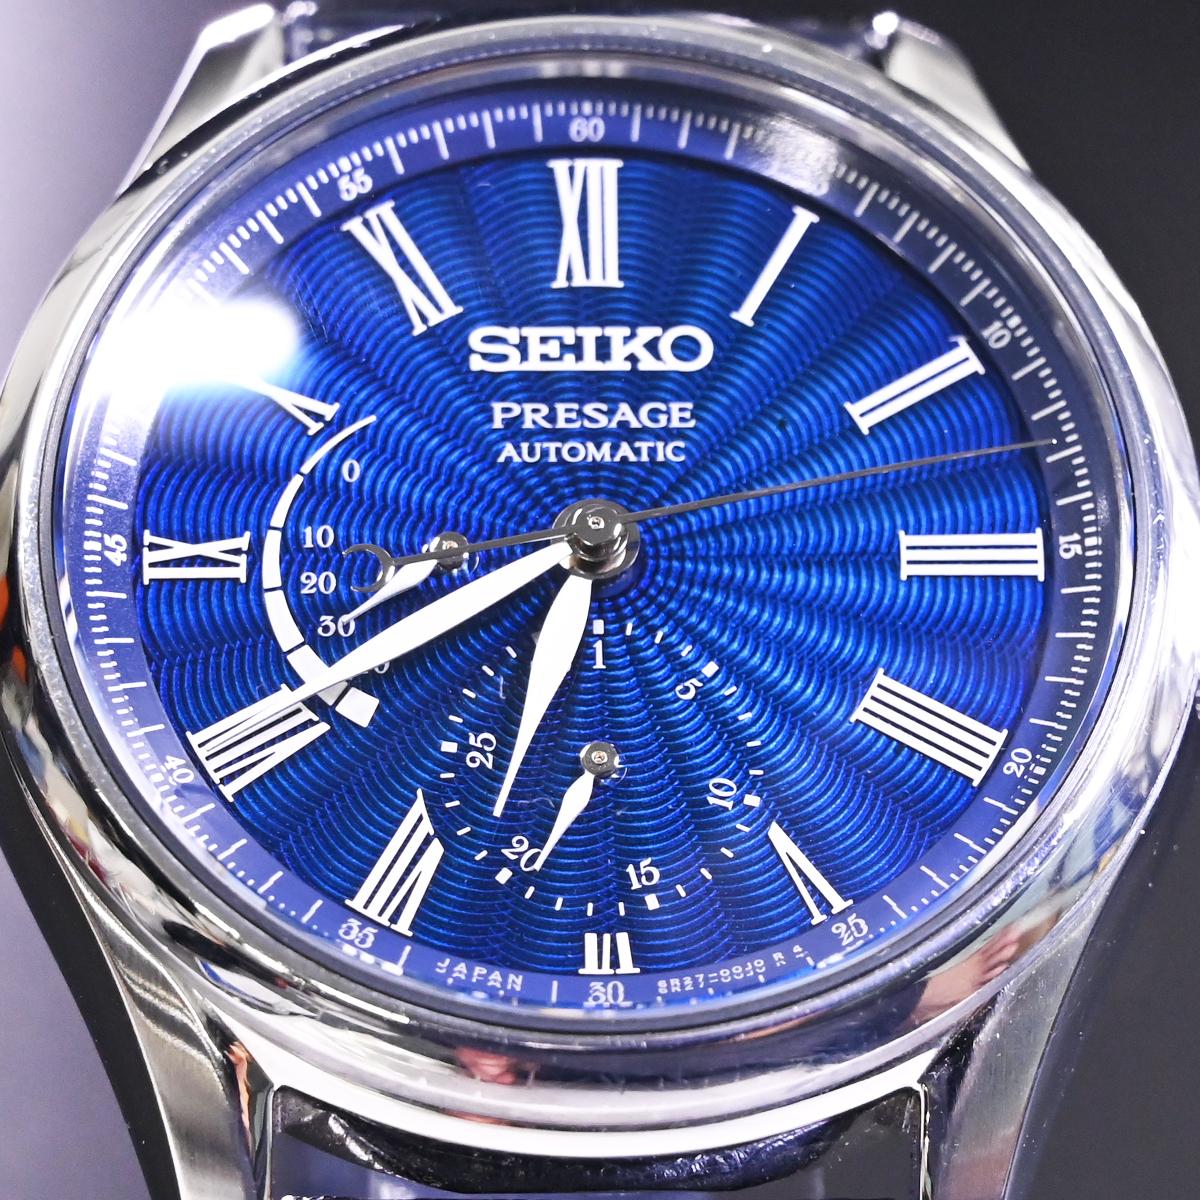 本物 美品 セイコー 限定品 SARW039 エナメル七宝文字盤 メカニカル プレサージュ メンズウォッチ 男性用自動巻腕時計 保証書 取説付 SEIKO_画像6